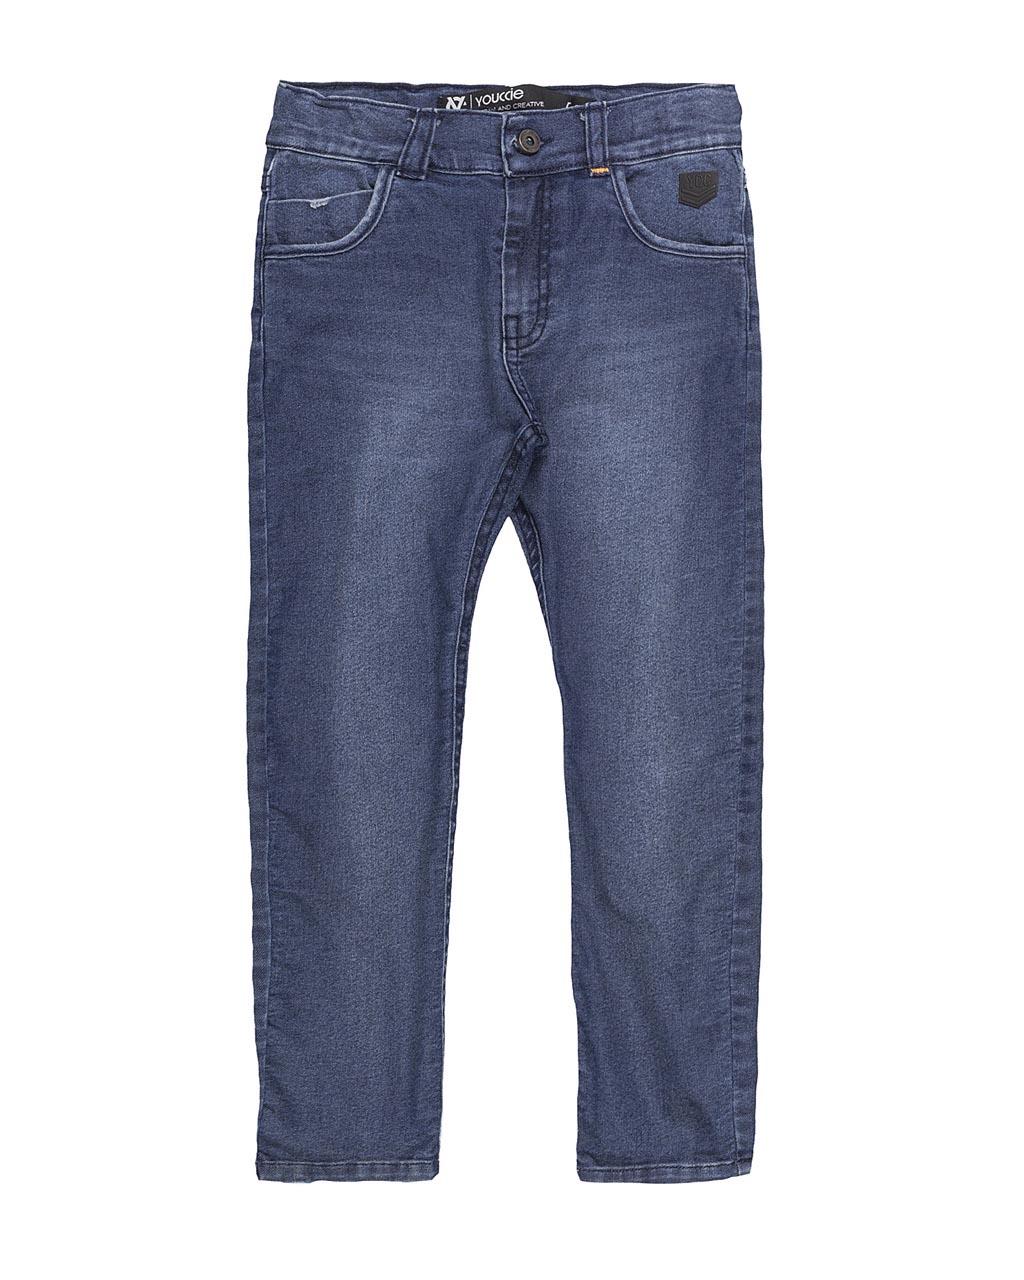 Calça Infantil Jeans Youccie